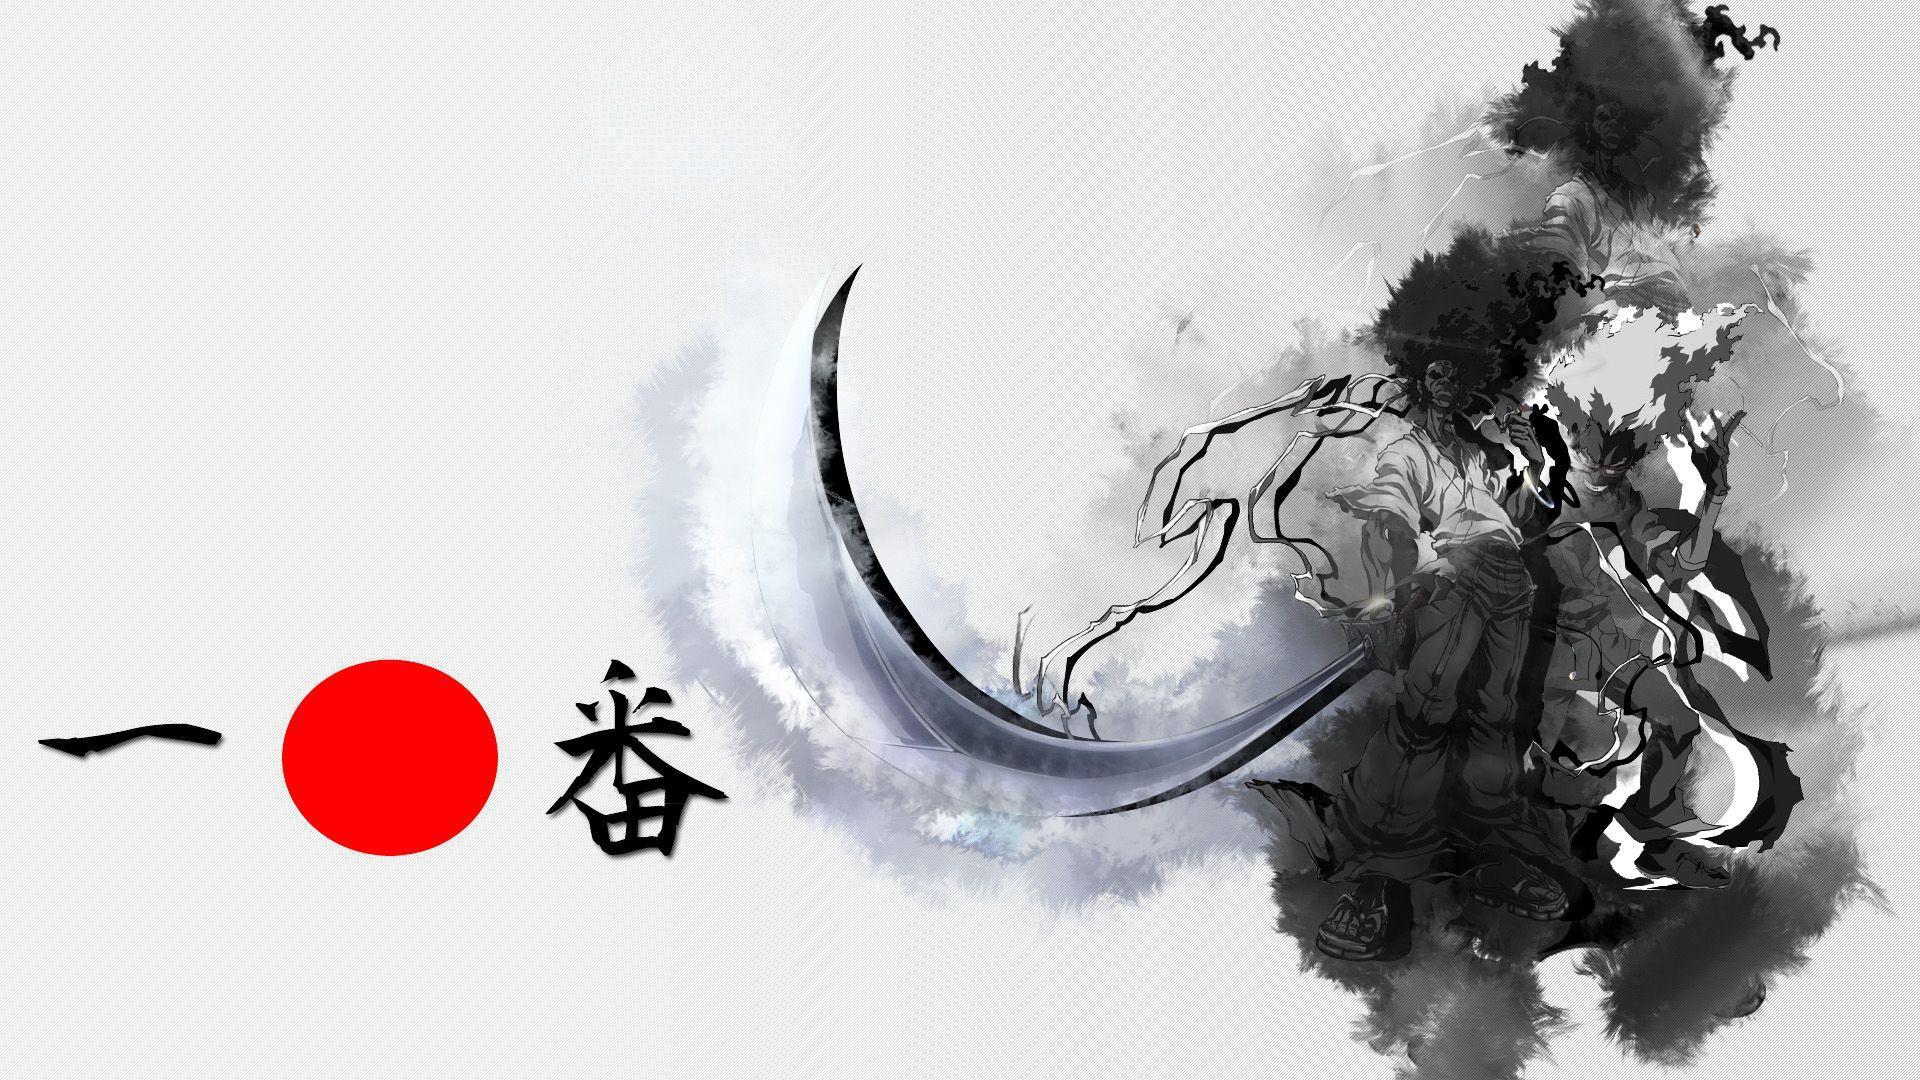 Samurai Wallpapers Hd Wallpaper Cave